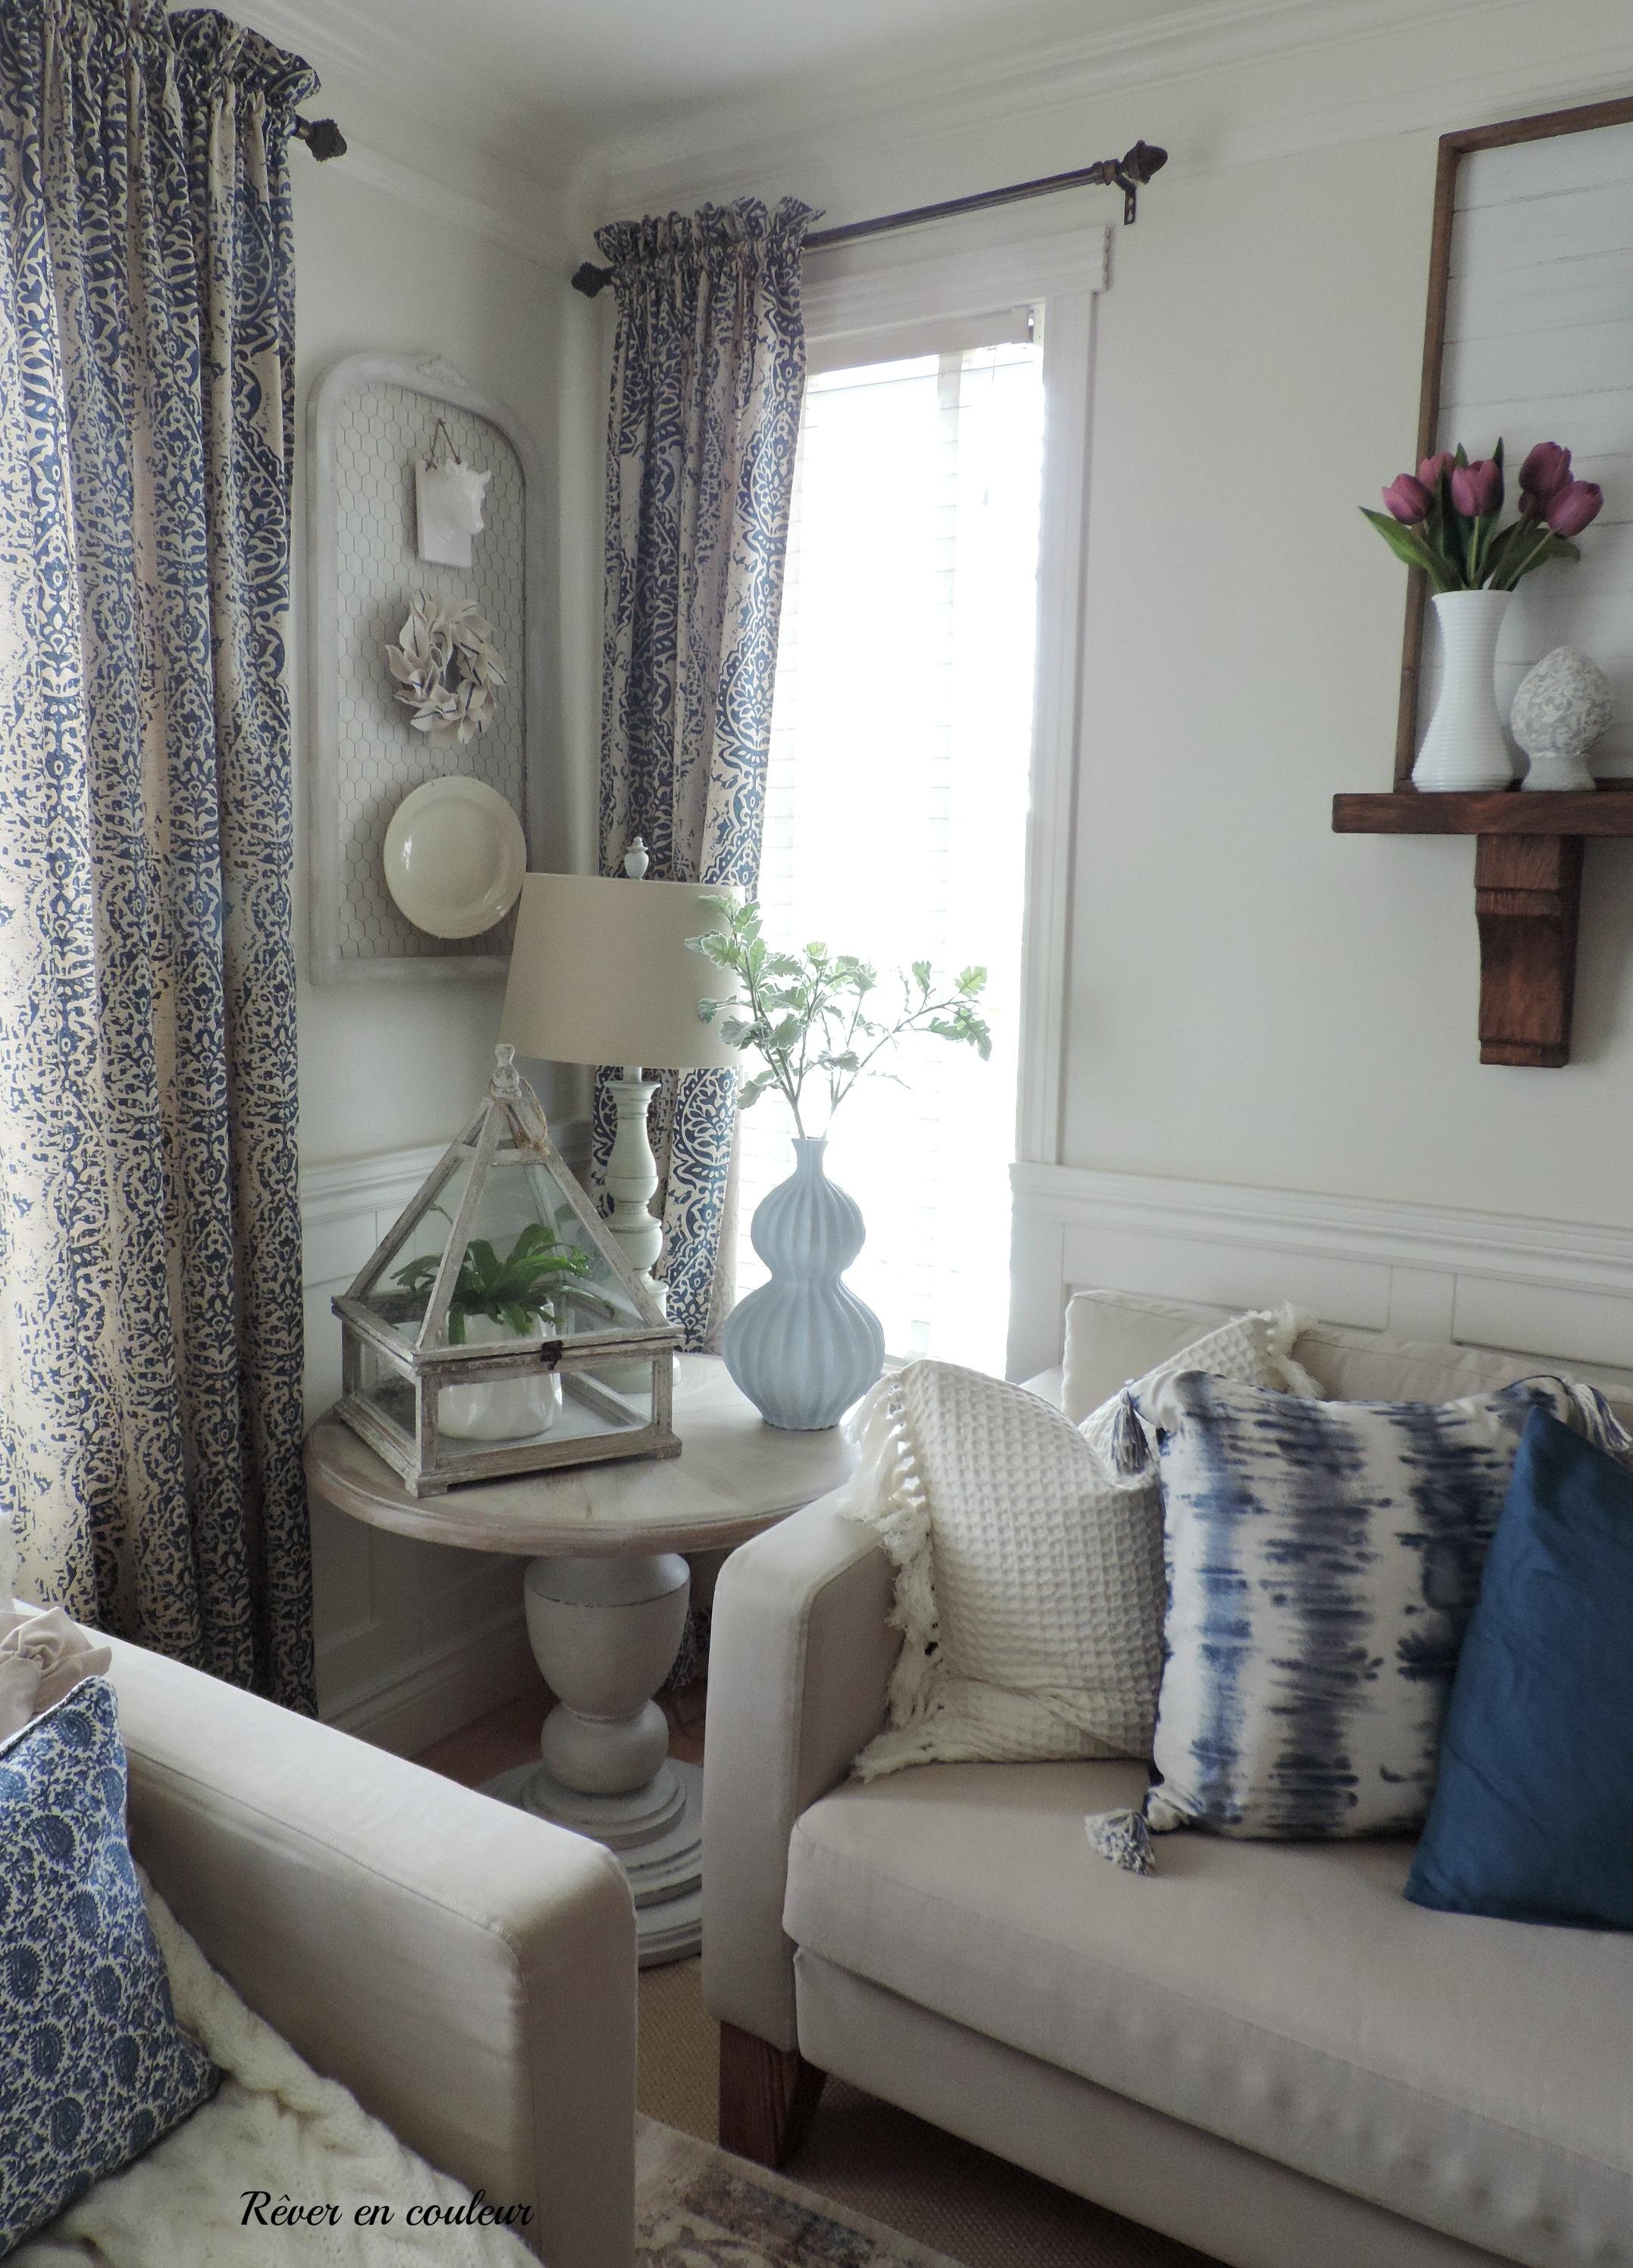 objets r cup r s et transform s eu21 aieasyspain. Black Bedroom Furniture Sets. Home Design Ideas